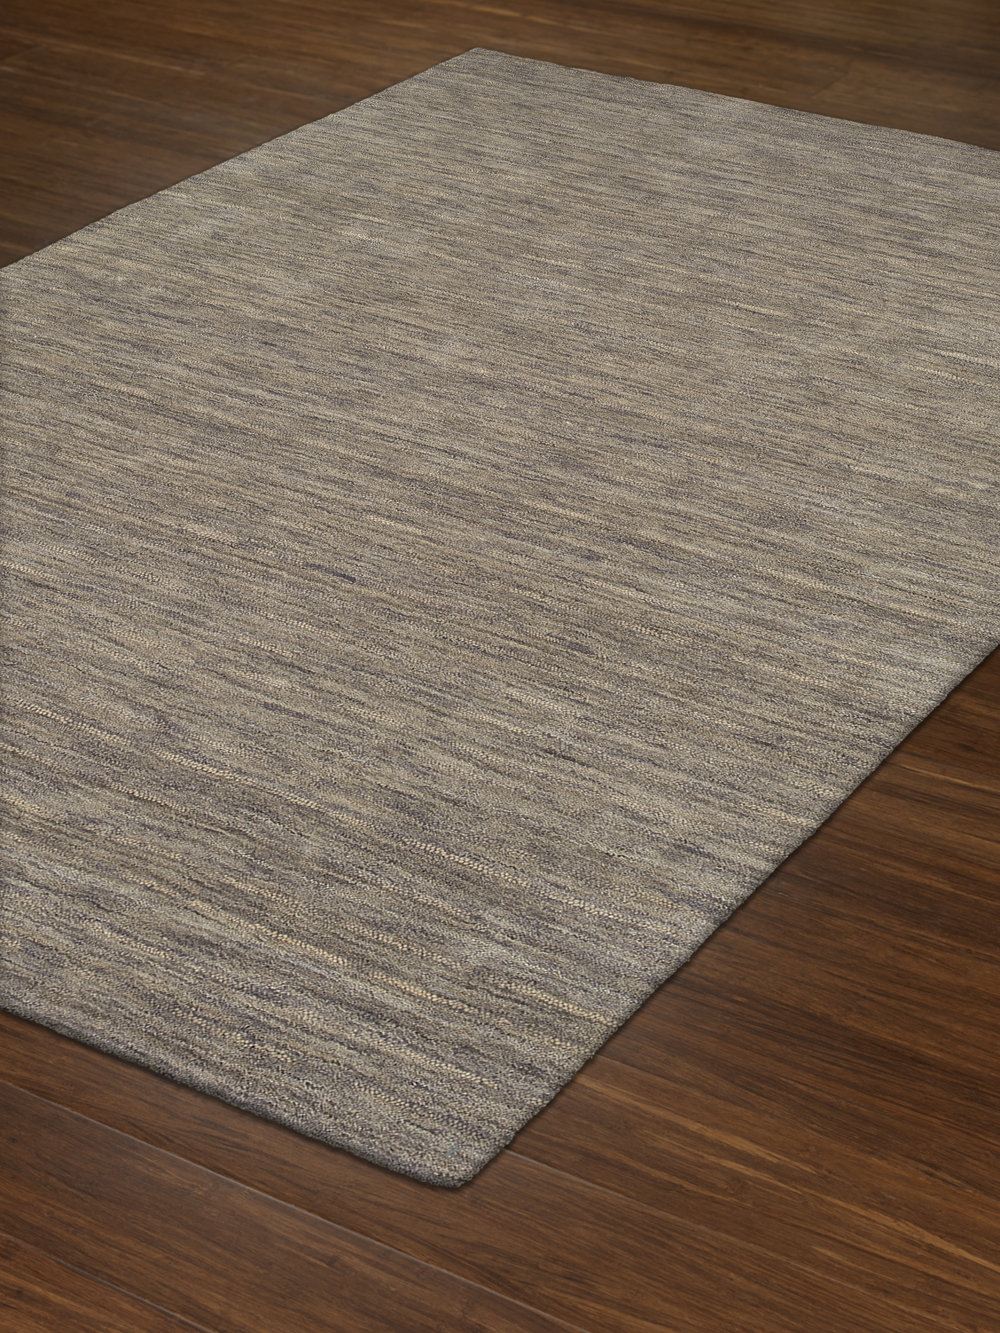 Rafia Granite Dyed Wool Pile Rug Textured Plush